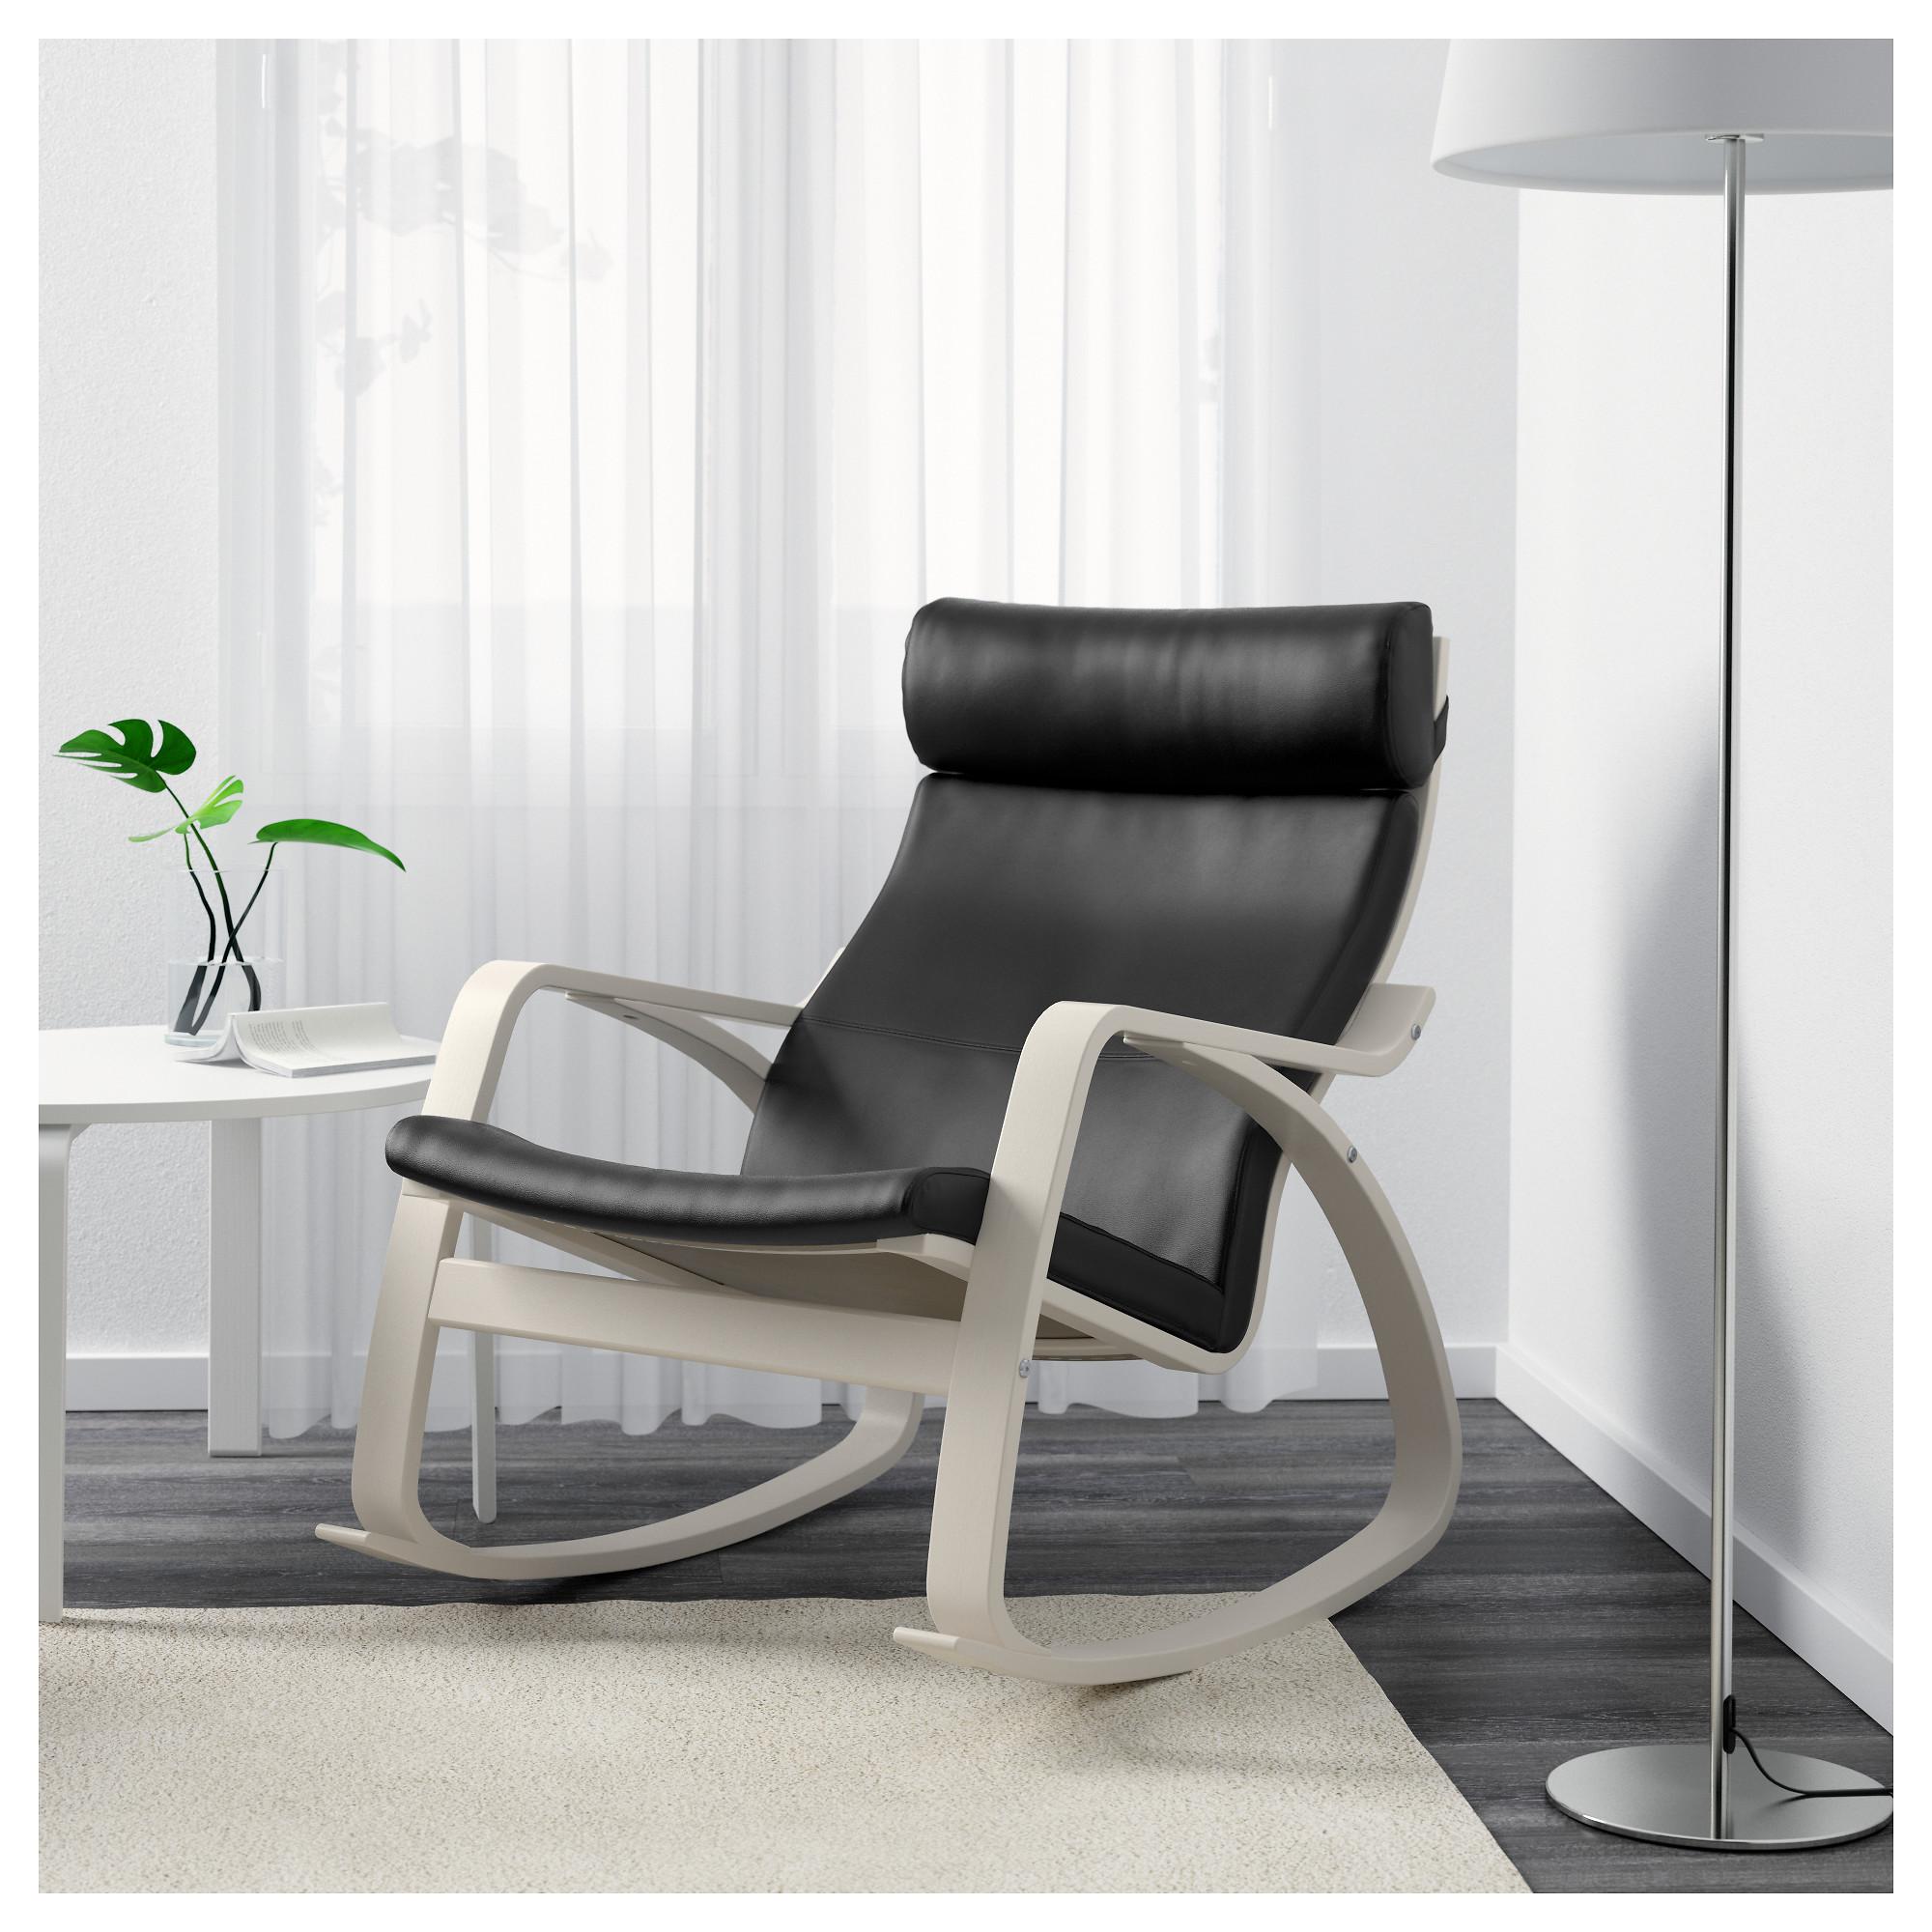 Кресло-качалка ПОЭНГ черный артикуль № 492.515.96 в наличии. Интернет магазин IKEA РБ. Быстрая доставка и монтаж.